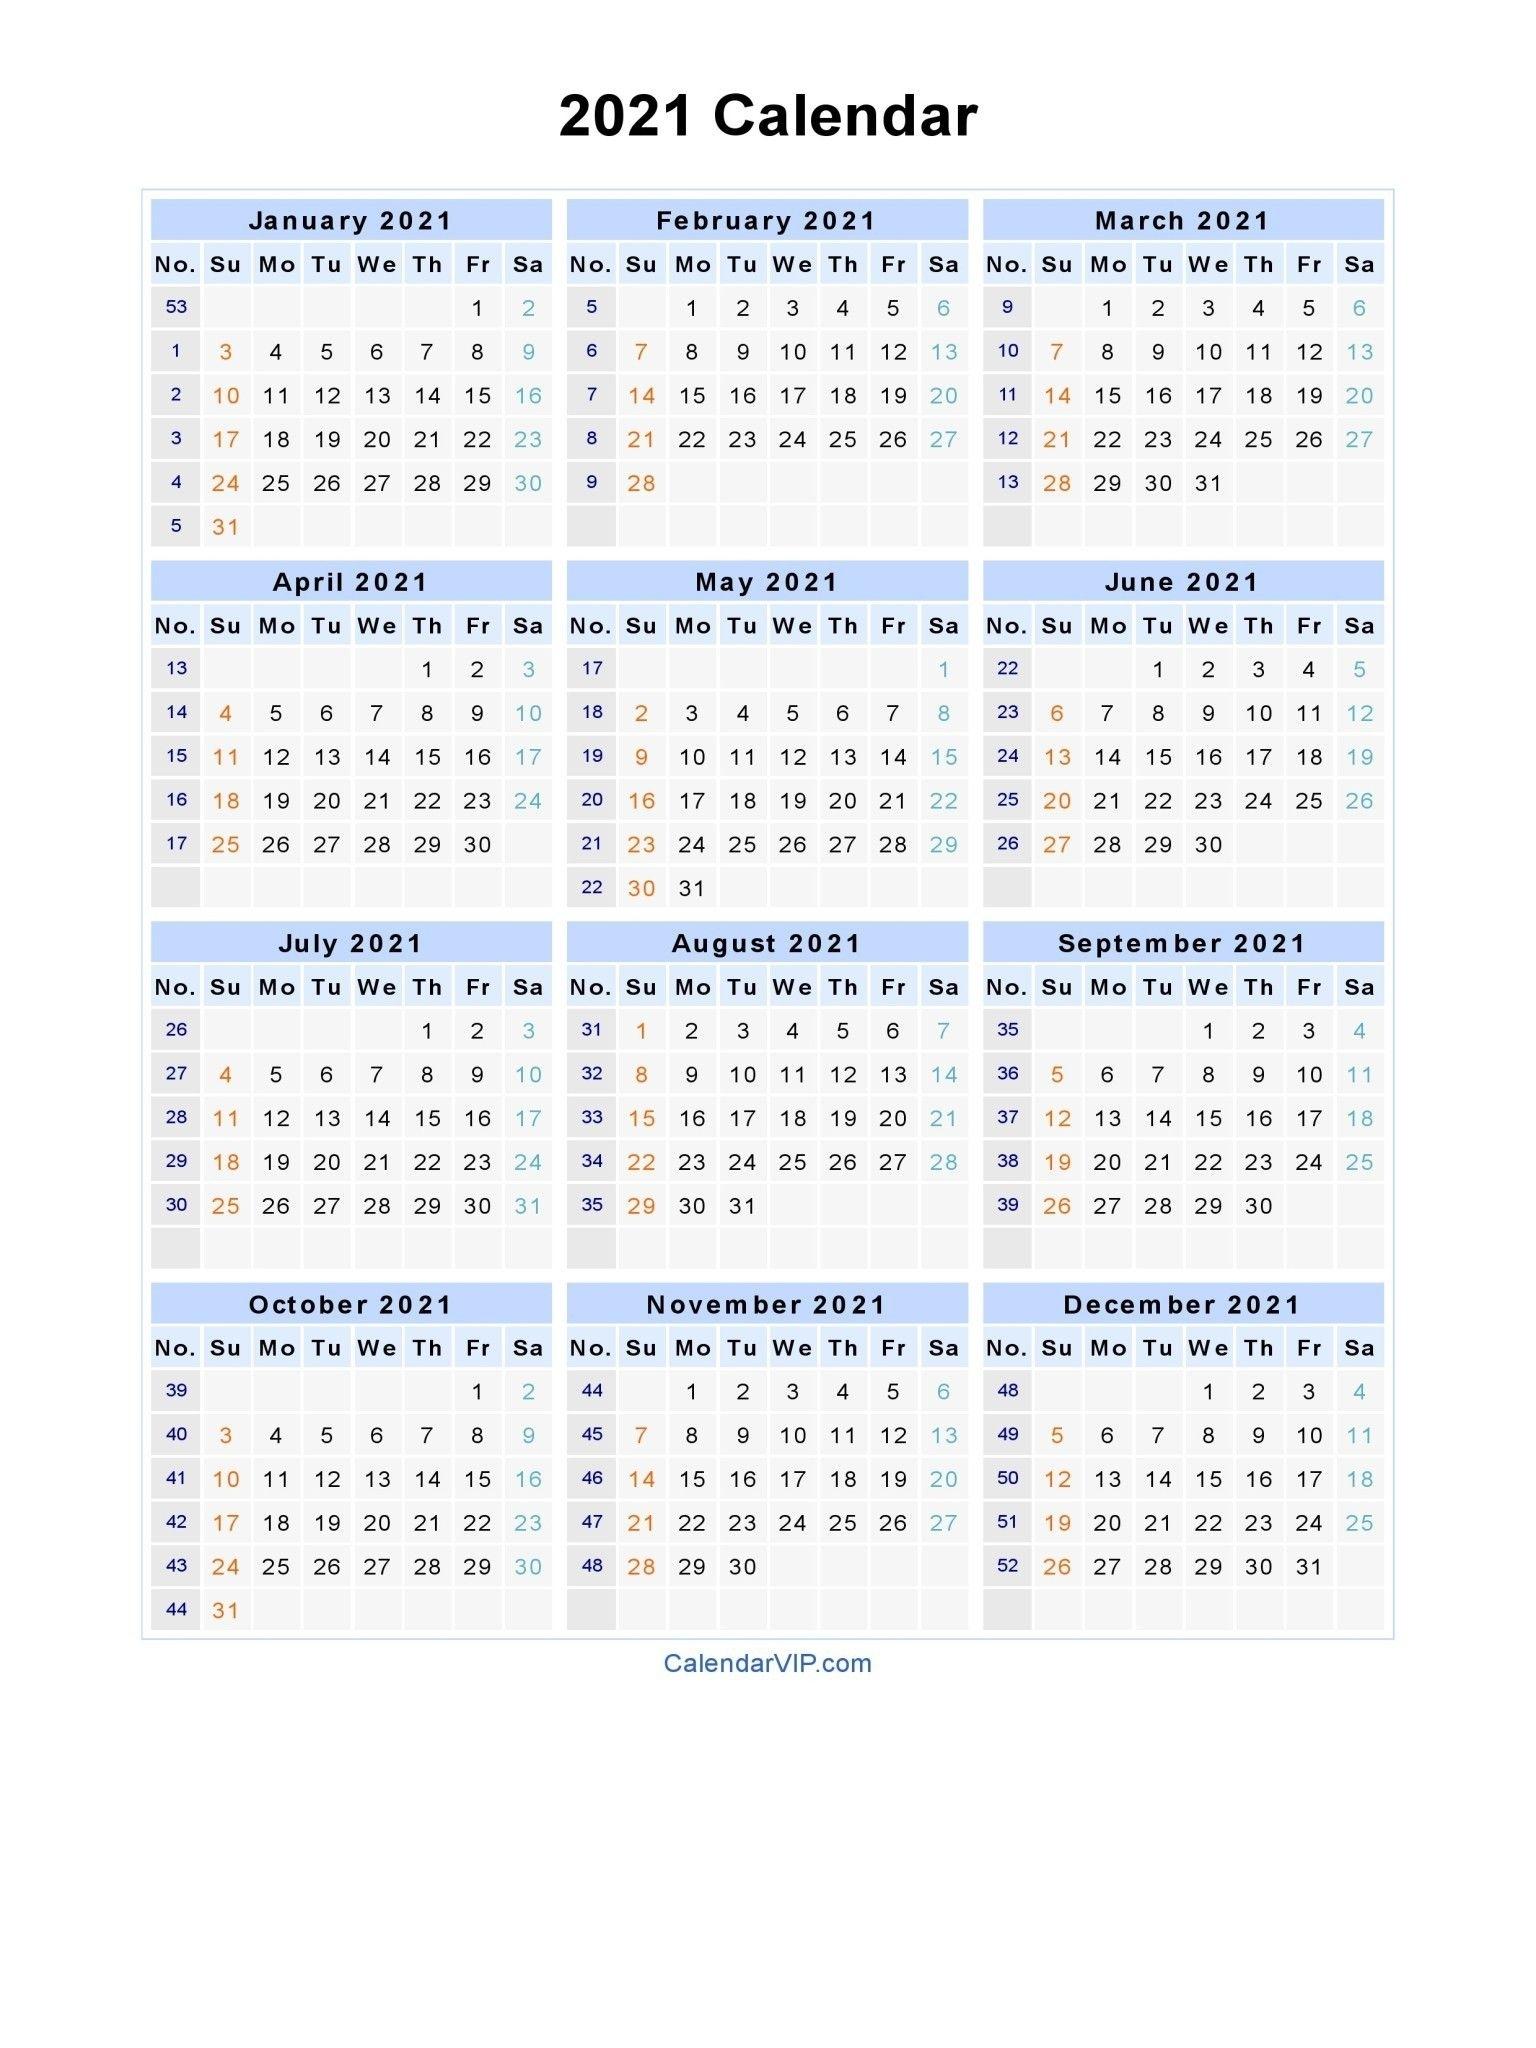 2021 Calendar With Week Numbers Excel Full – Encouraged In